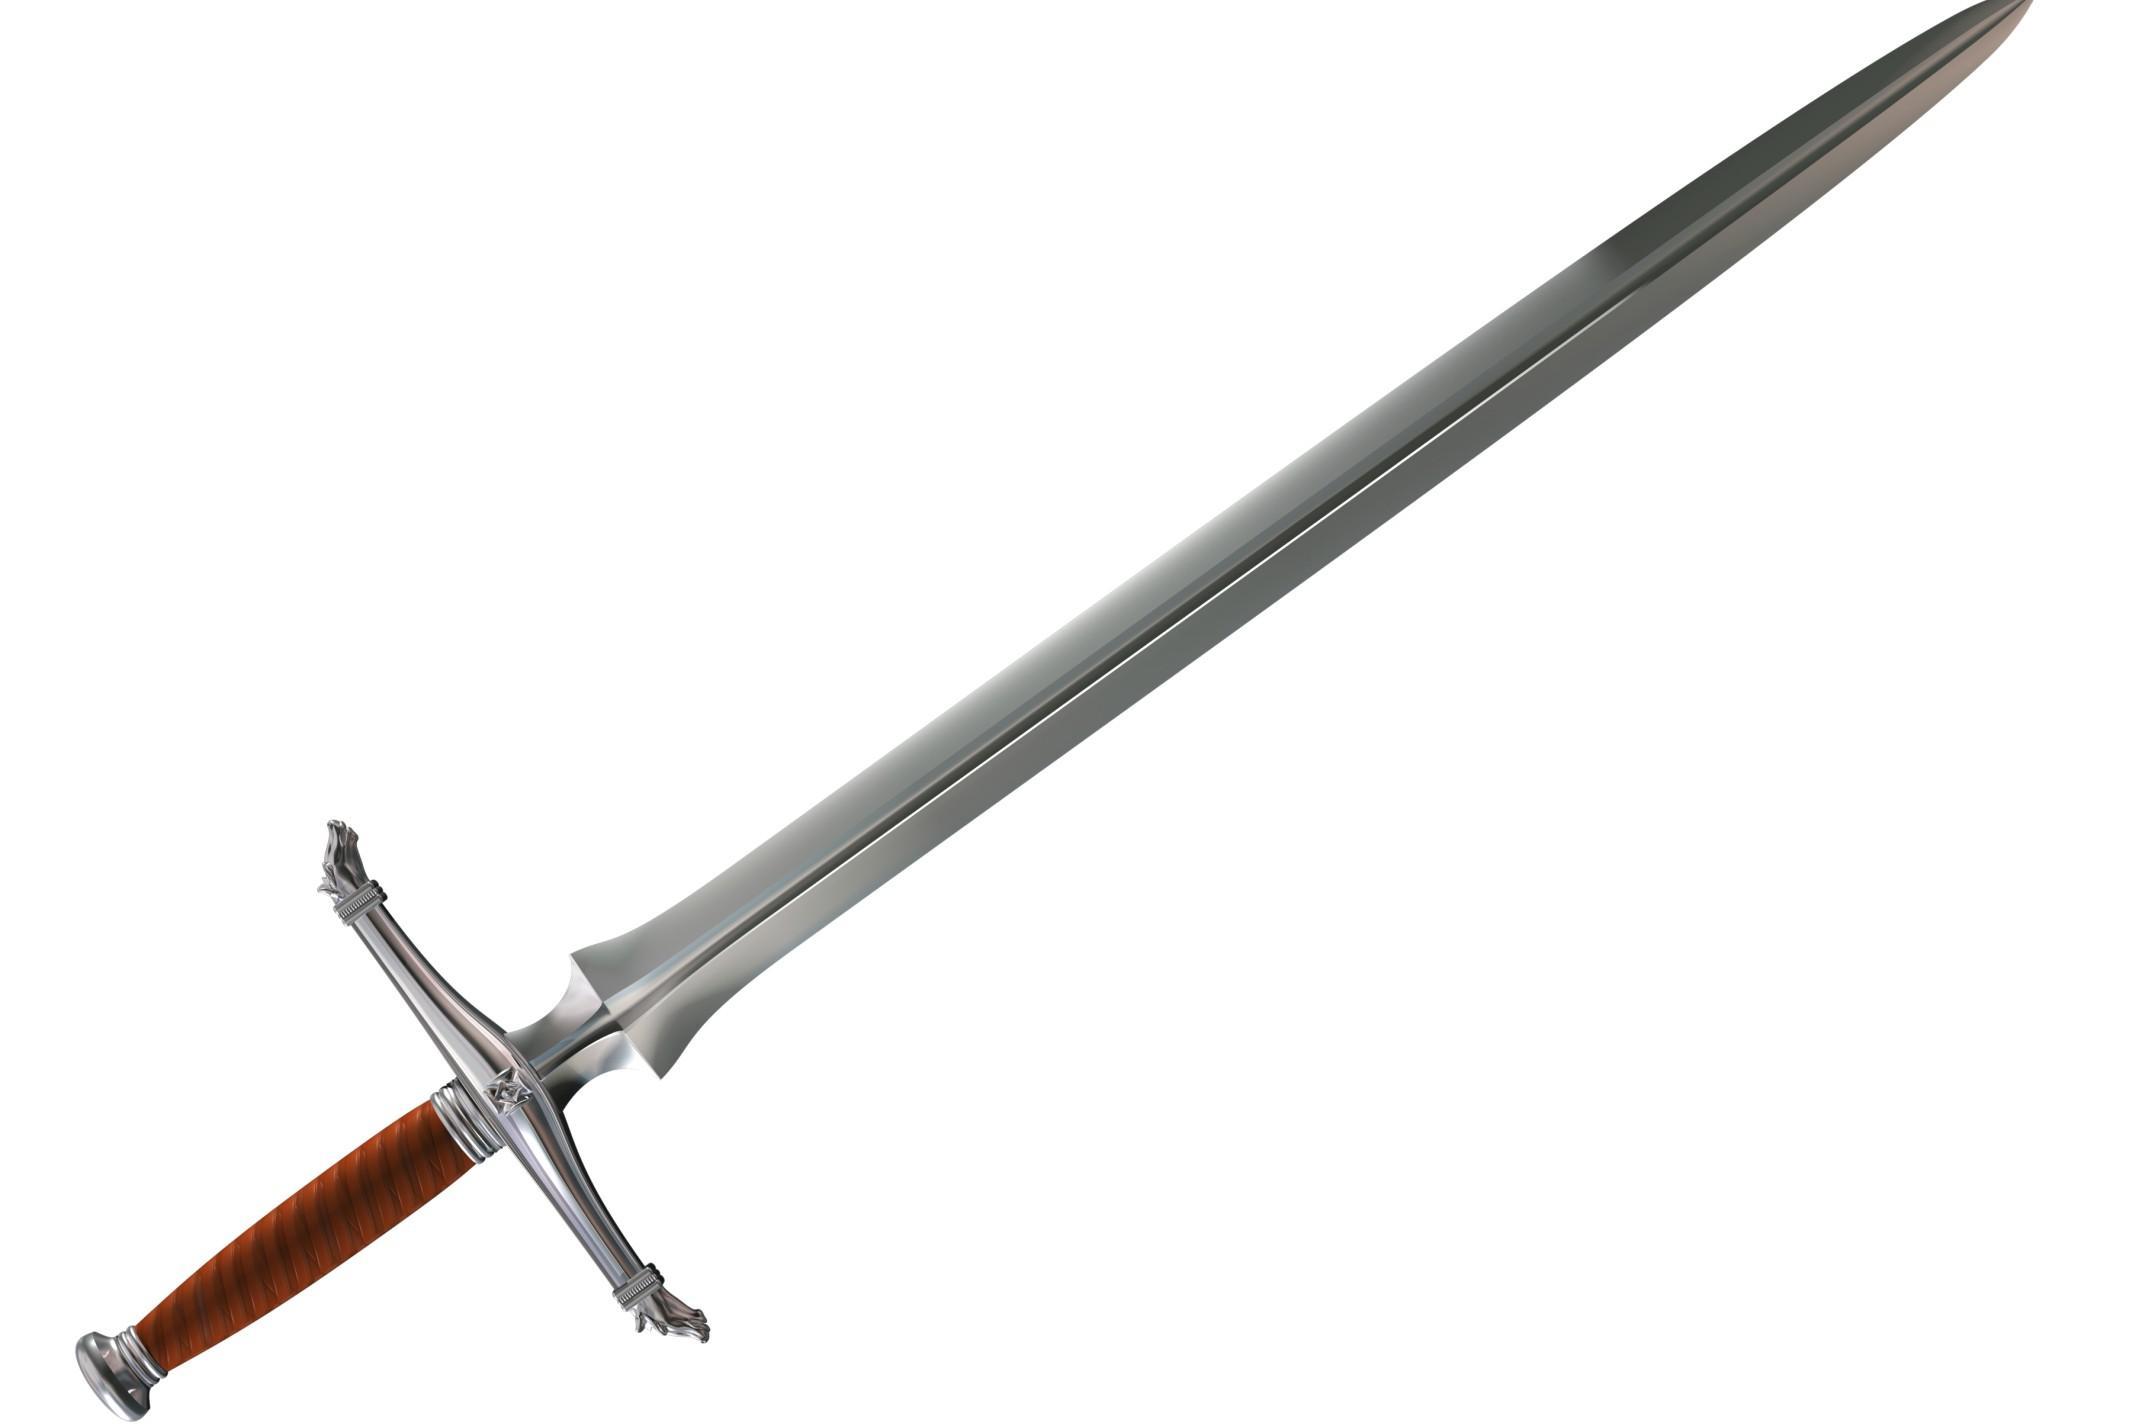 accetto la spada e l avventura  visione alchemica clipart black and white bow and arrow cupid bow and arrow clipart